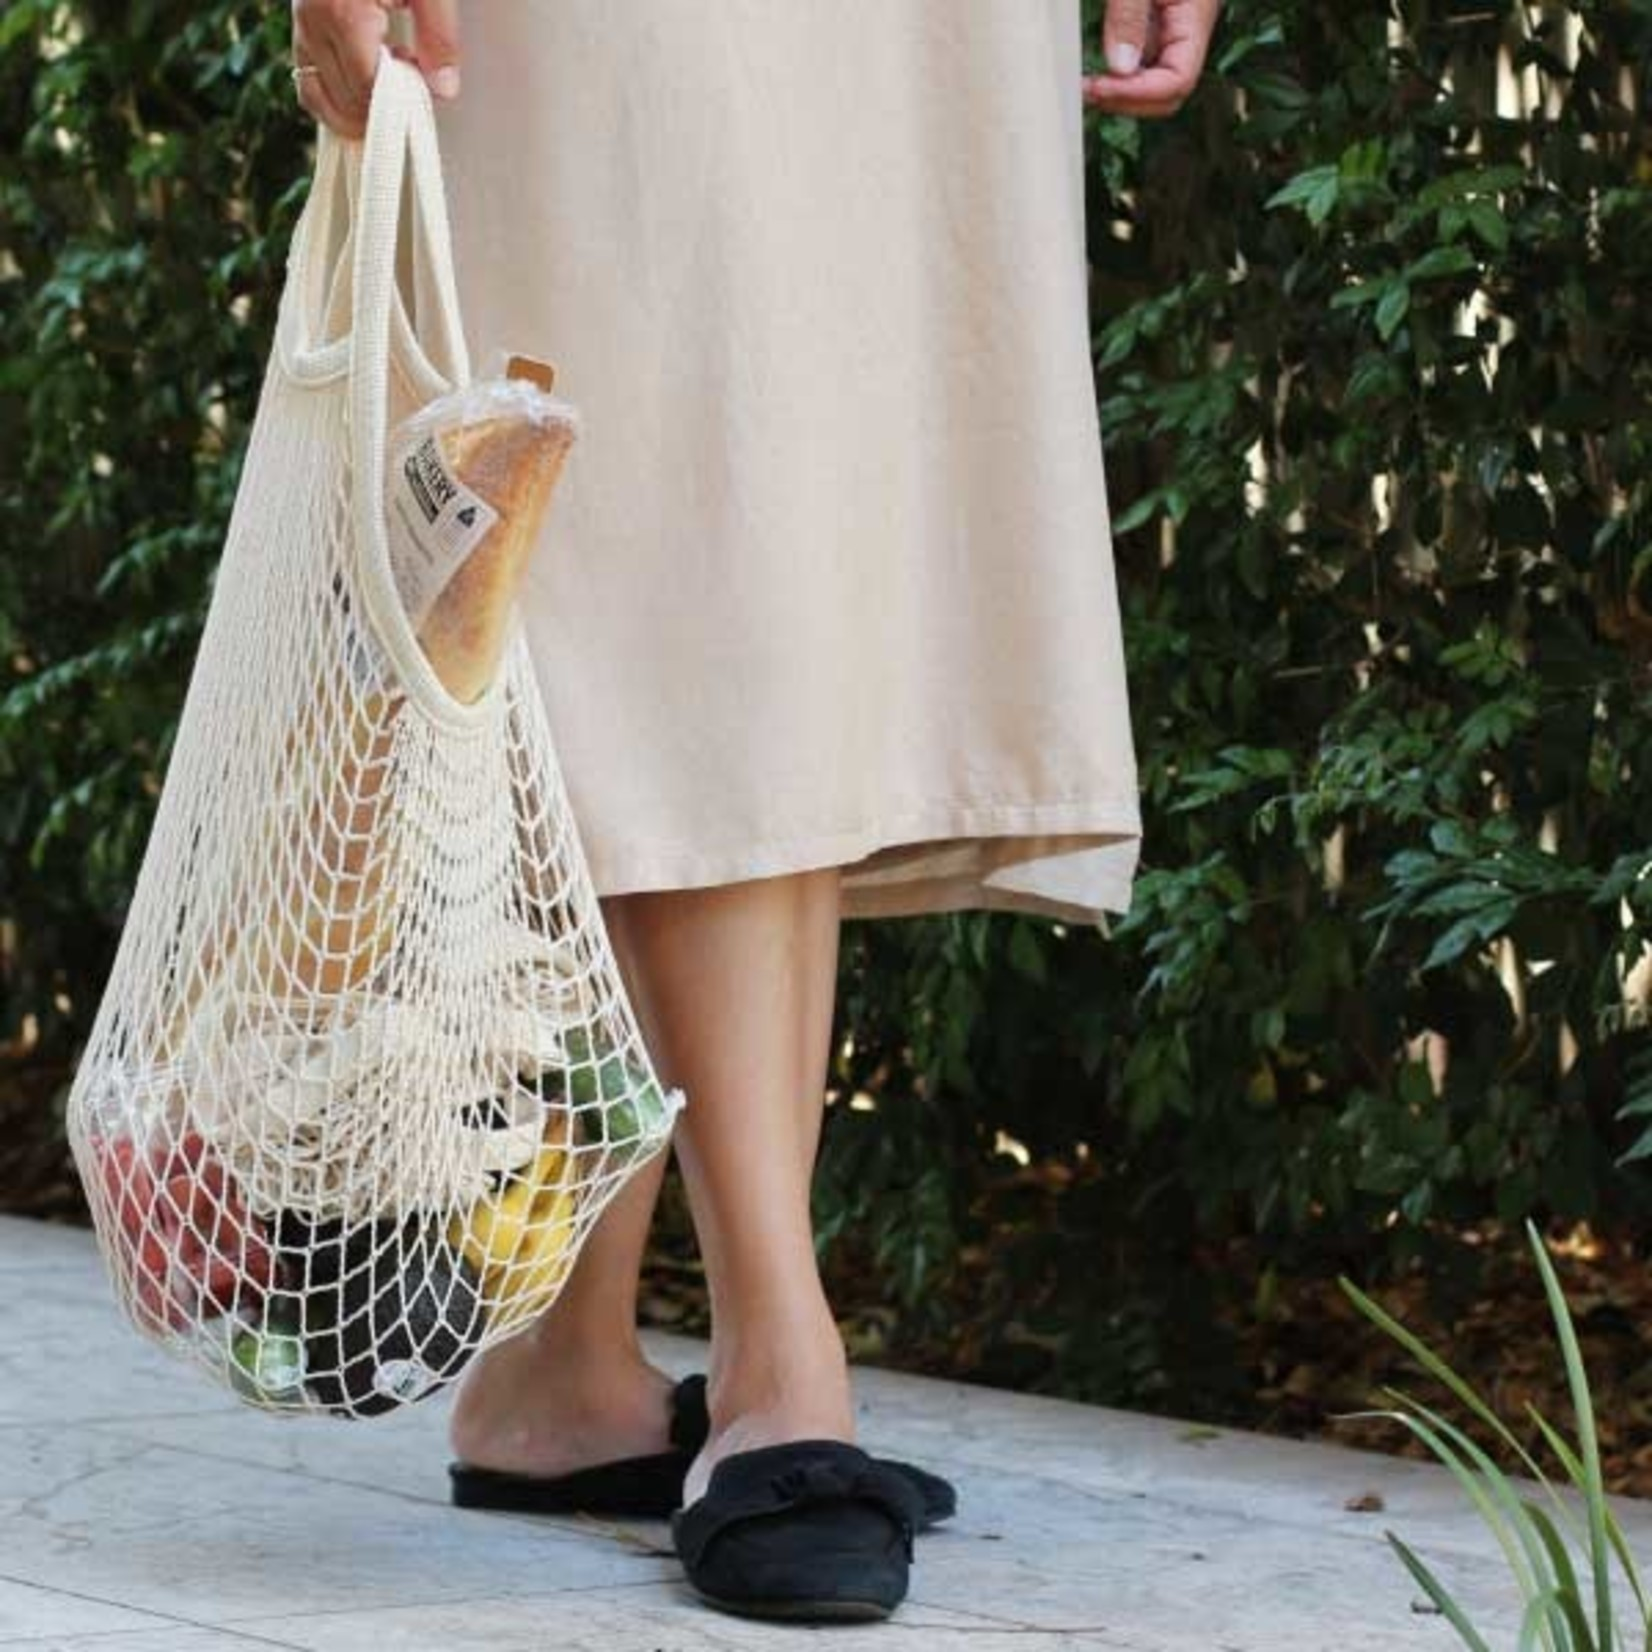 Eco Basics Eco Basics Shopping Bag